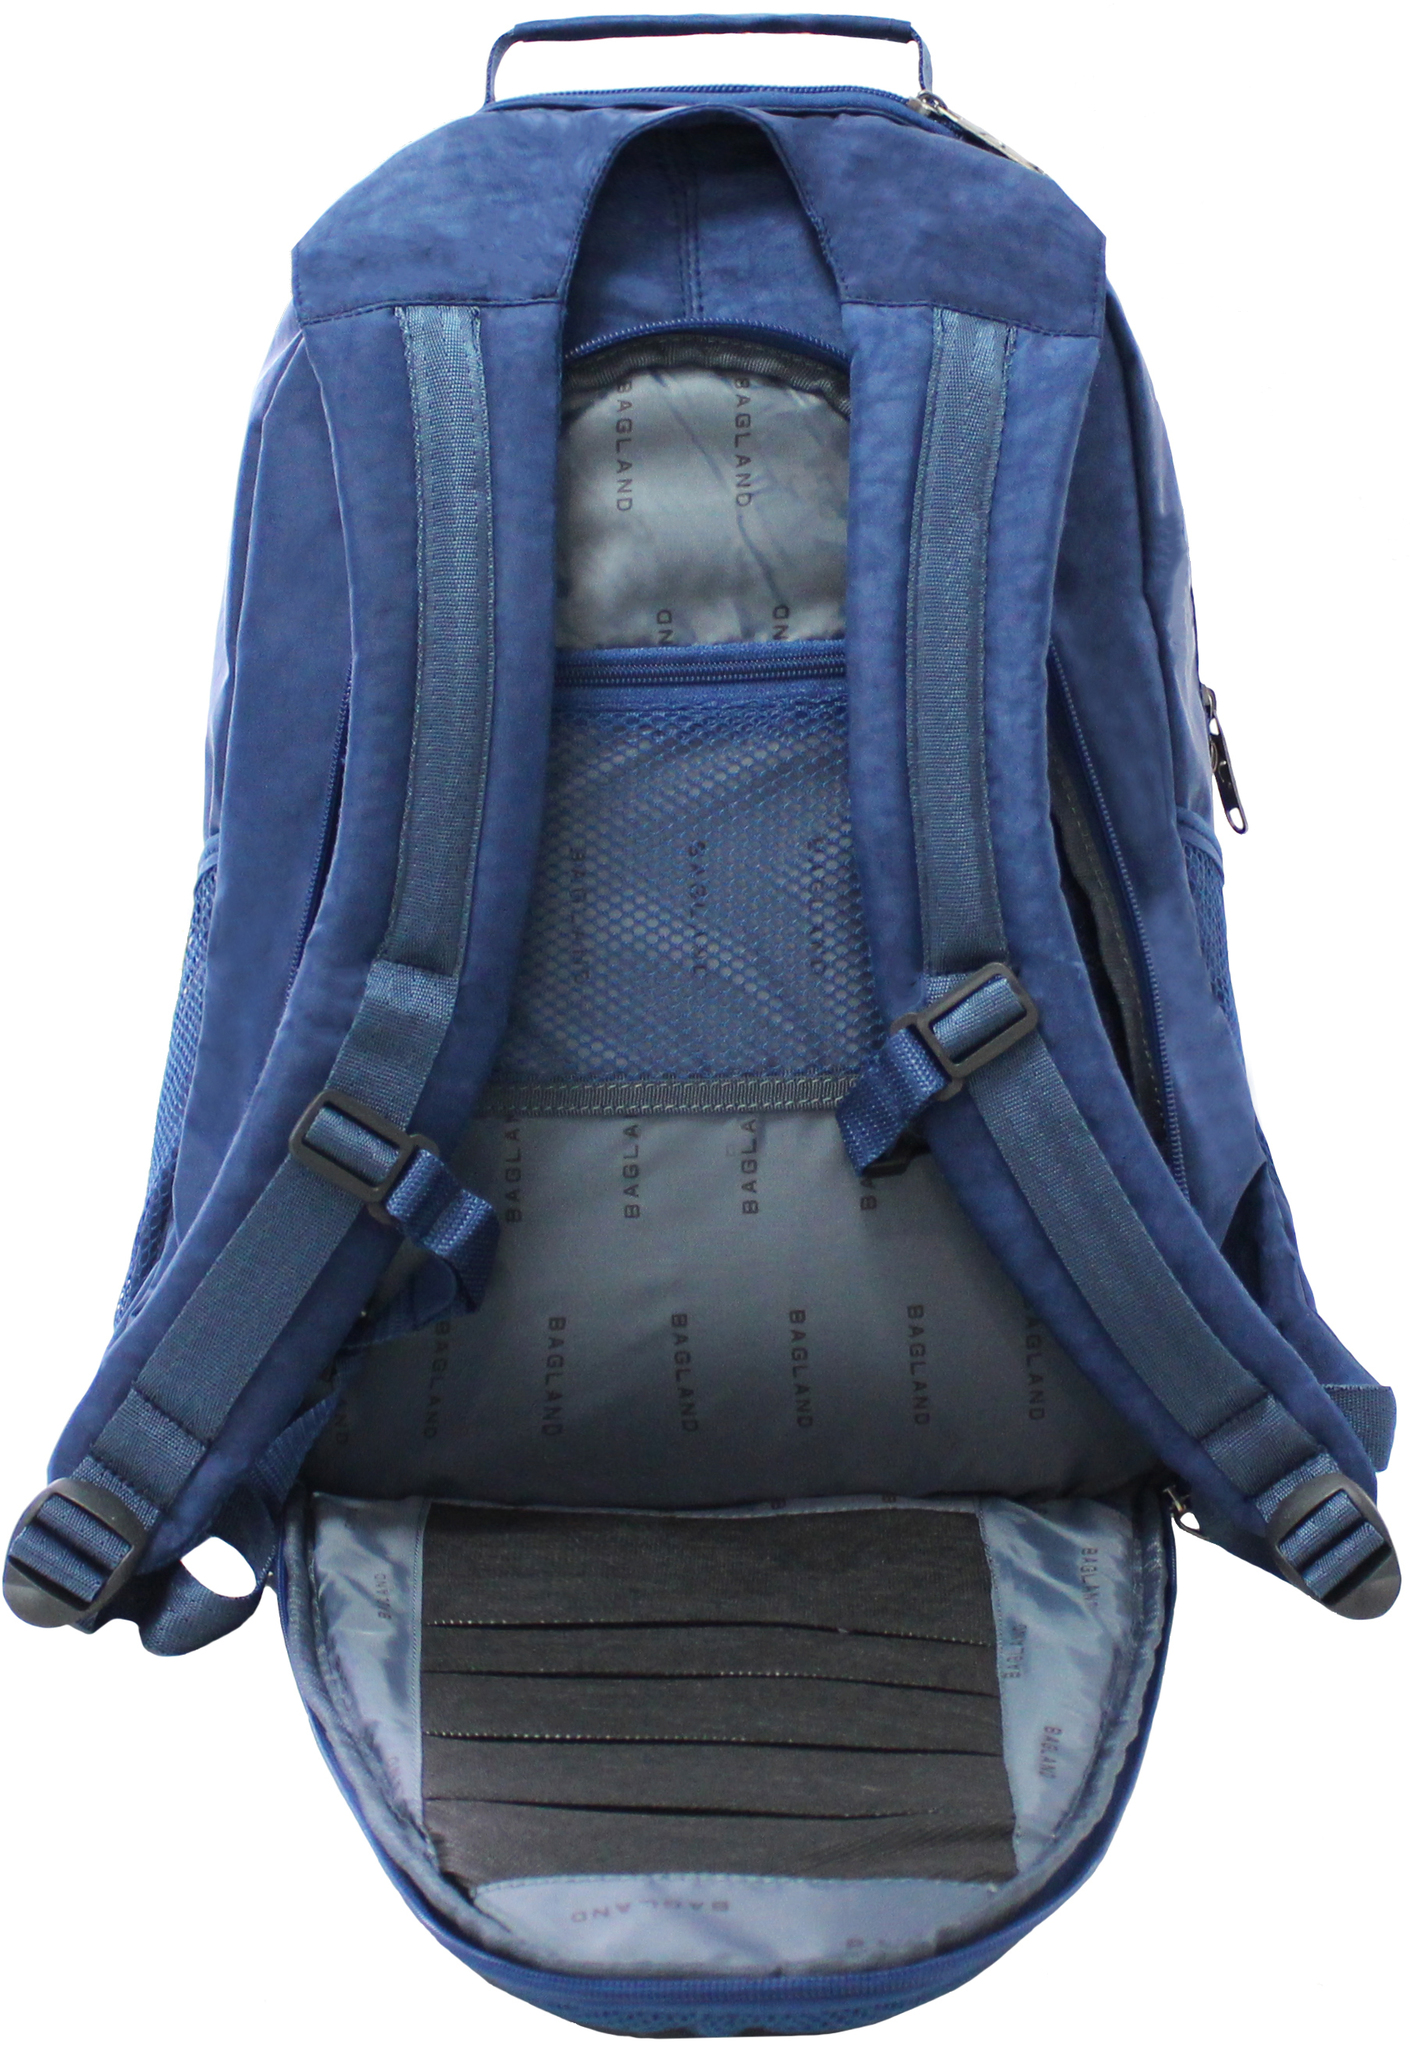 Рюкзак Bagland Сити 32 л. Синий (0018070)